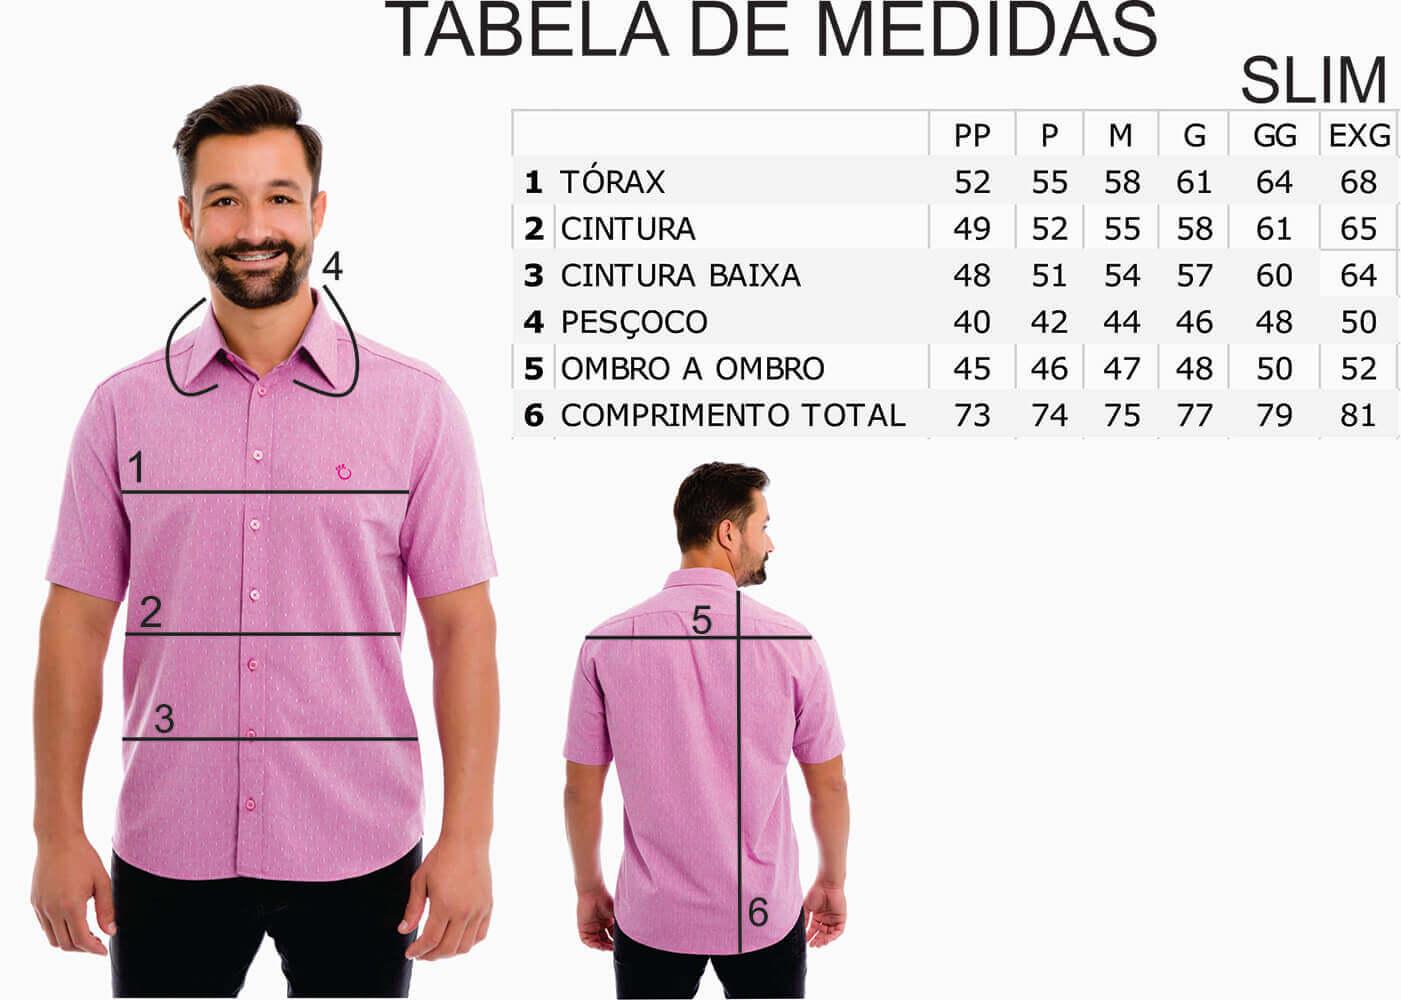 Camisa Social Masculina Slim Olimpo Estampada 100% Algodão Fio 50 Manga Curta